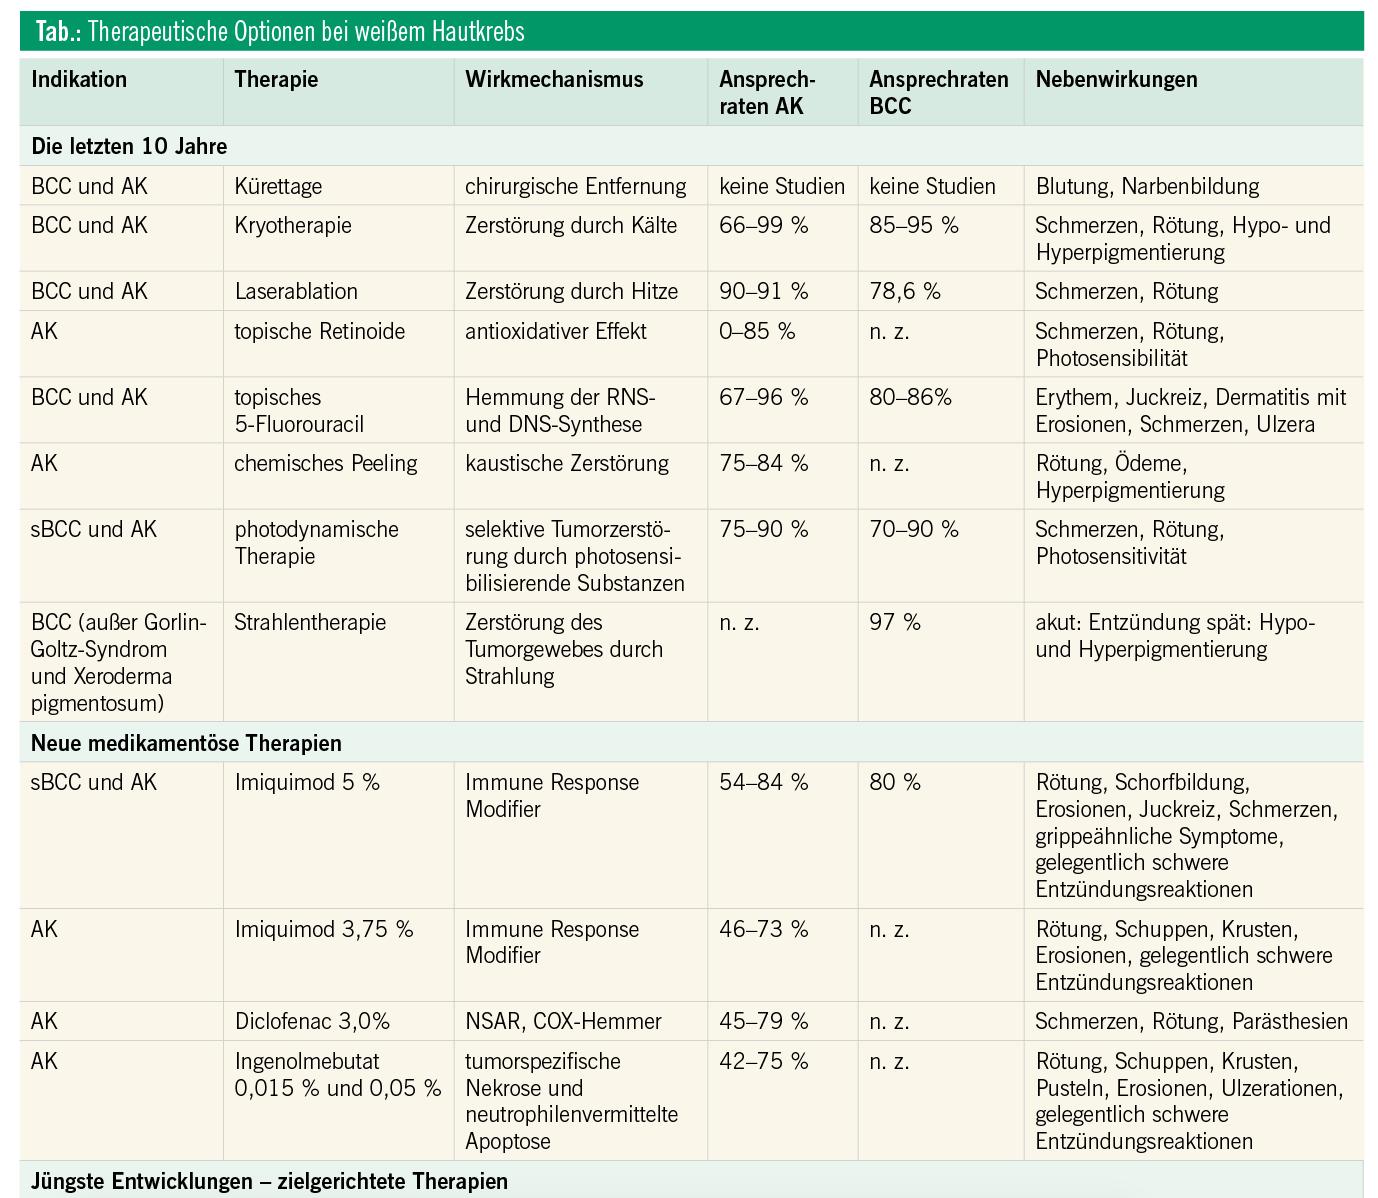 Weißer Hautkrebs: aktinische Keratosen, Basalzellkarzinom ...